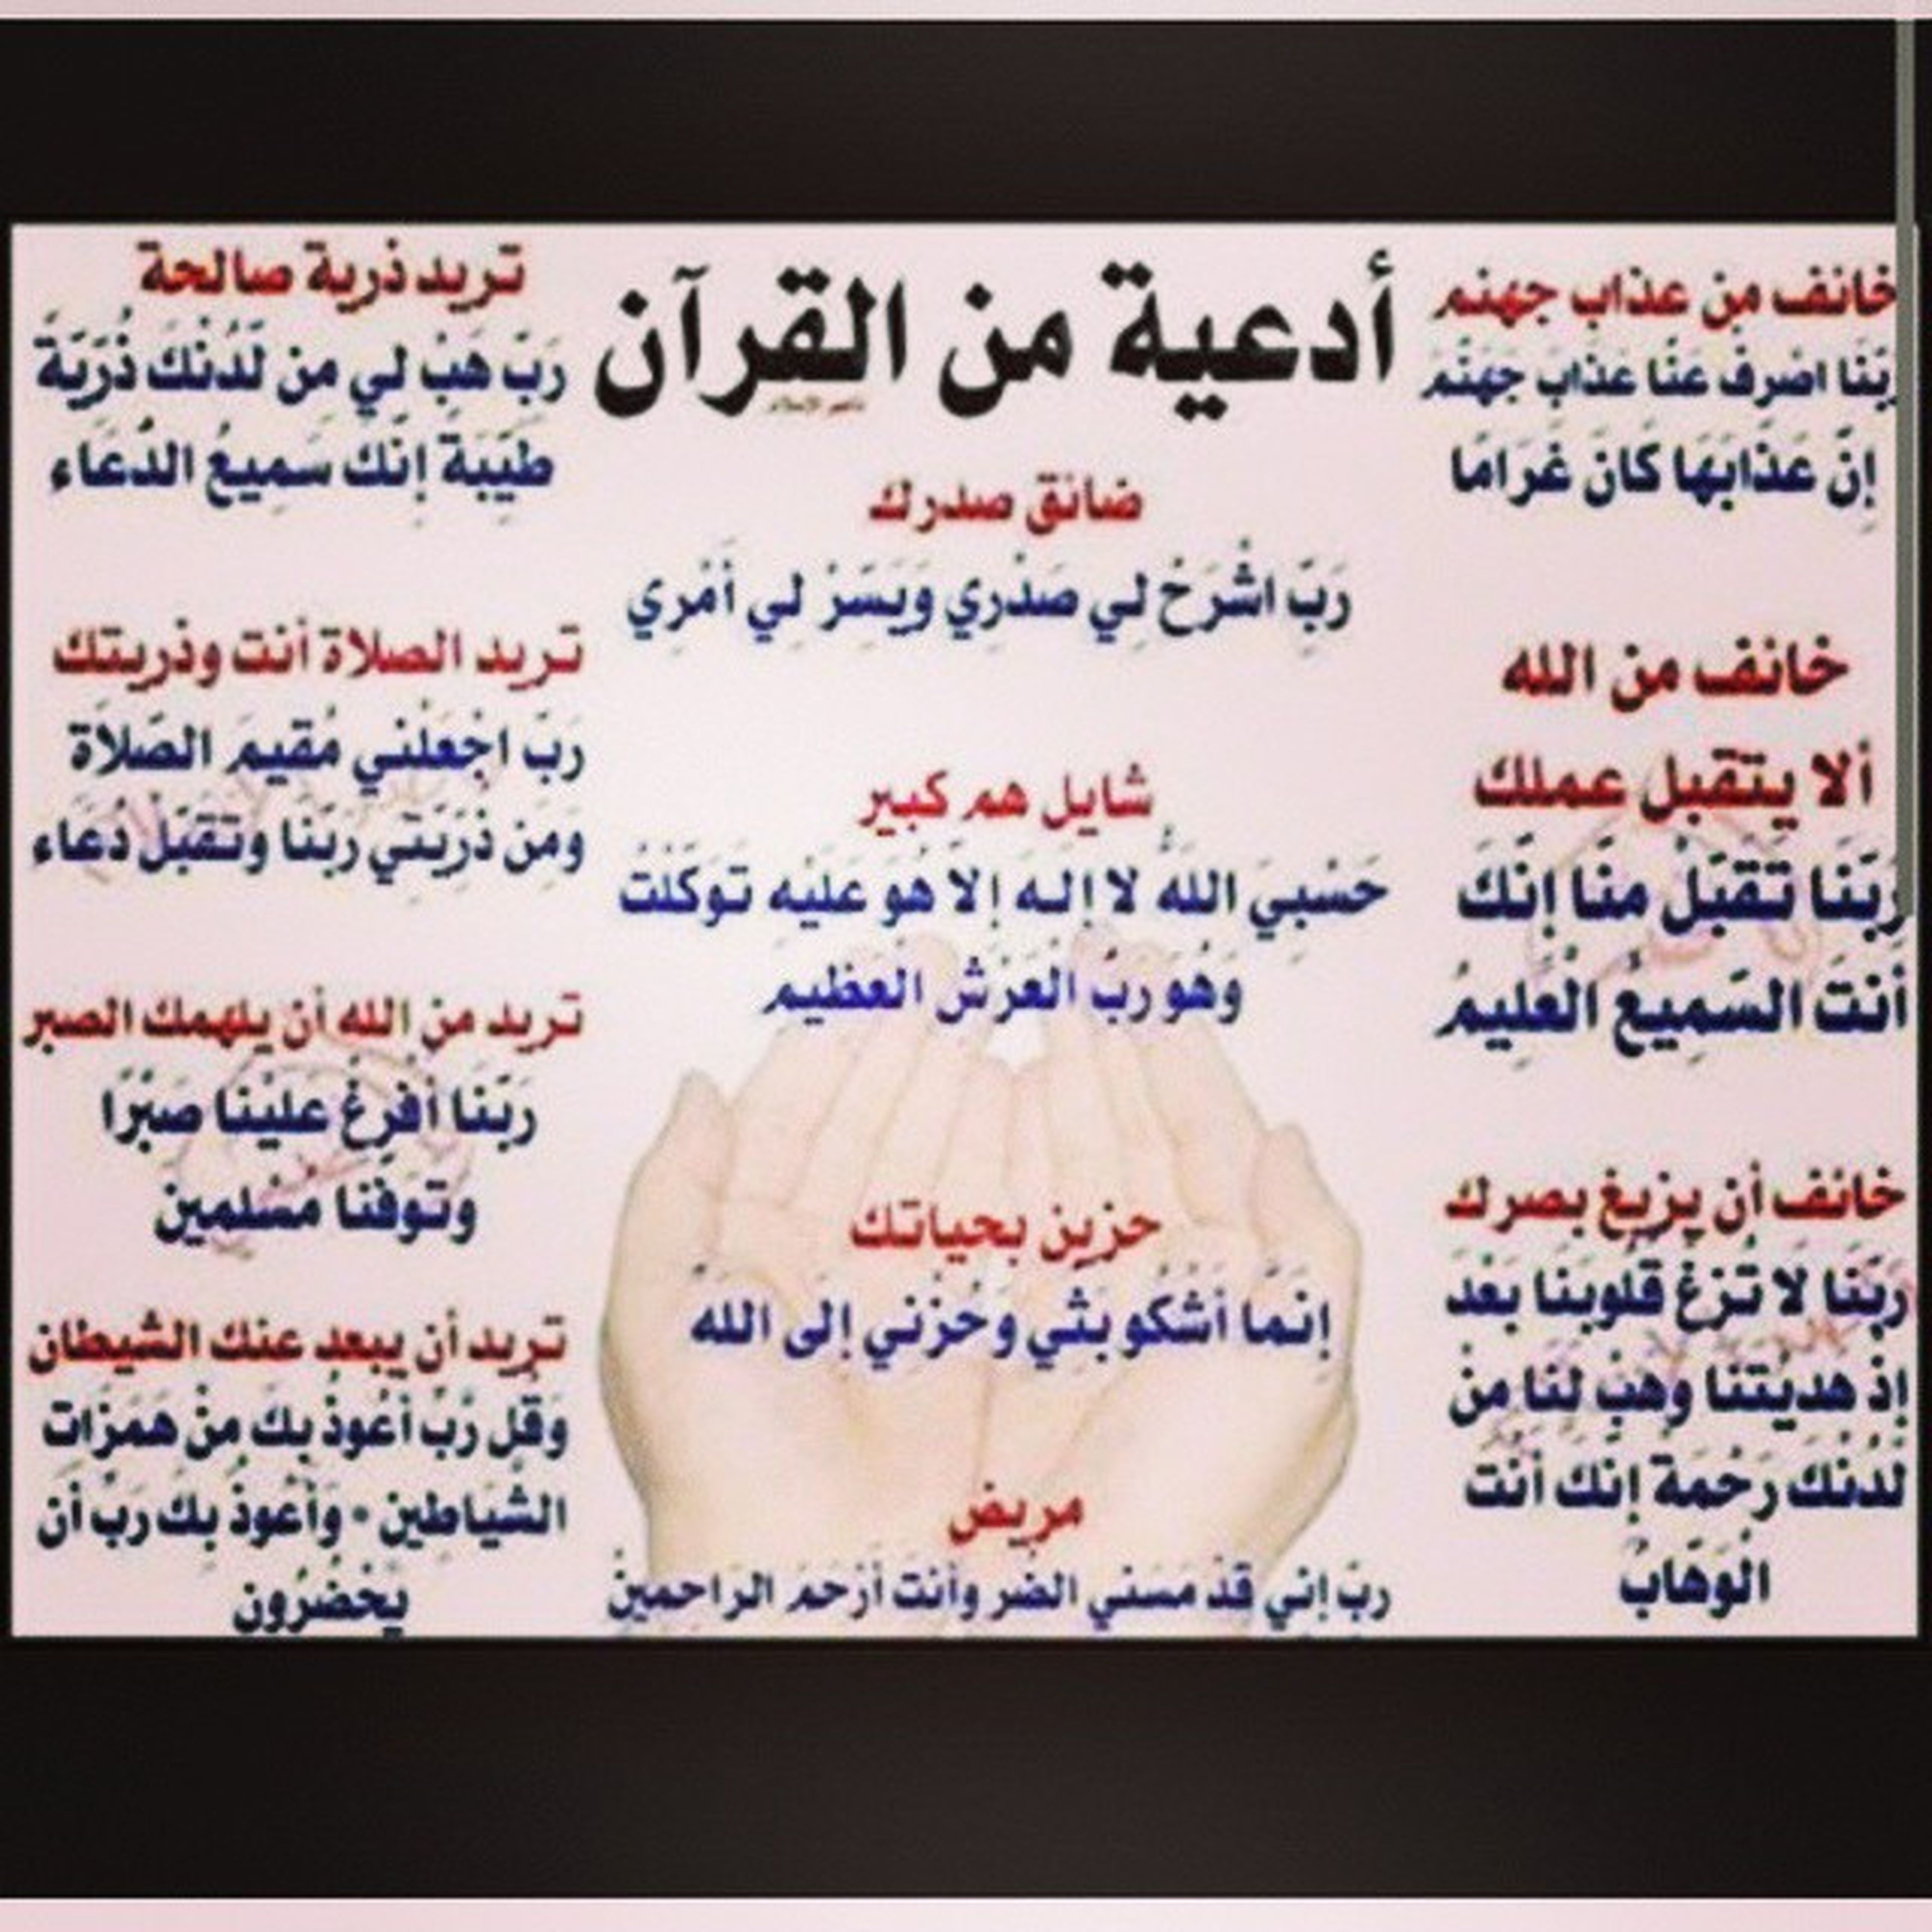 أدعيه مسلمين توبه الصلاه الدعاء السعاده التوفيق رجال نساء اﻷهتمام الحب نفسي